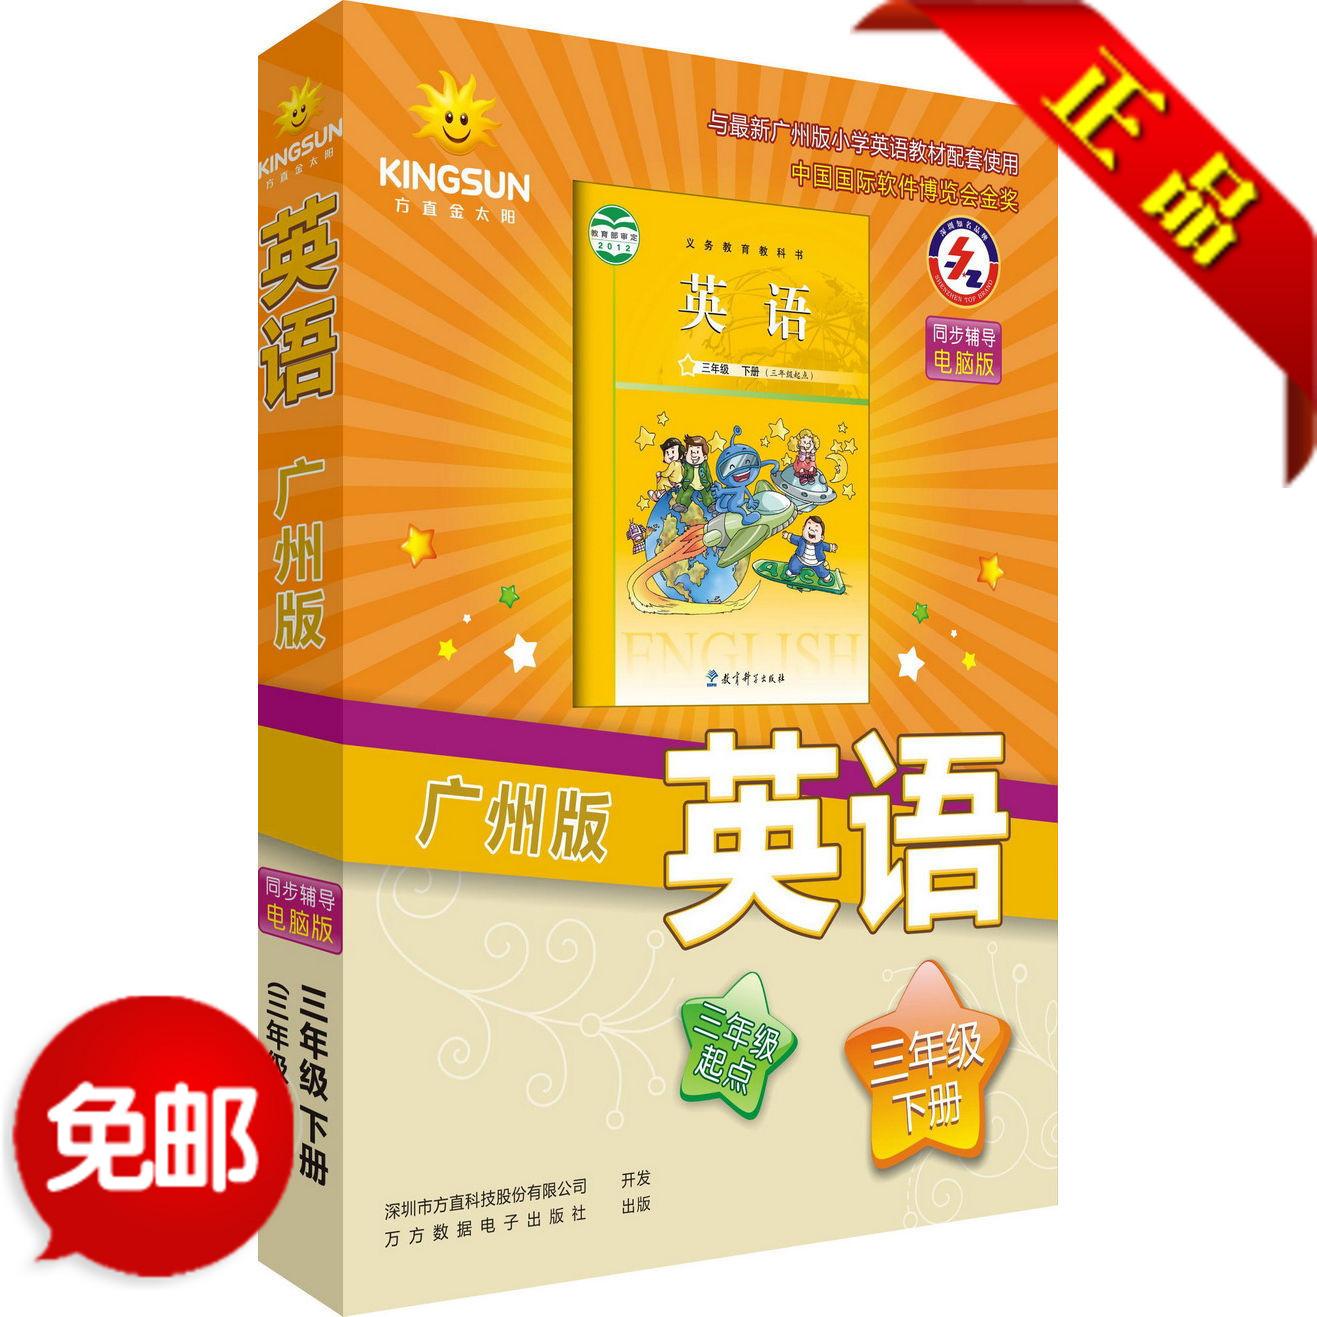 2018金太阳教科版广州版小学英语三年级下册软件电脑版送DVD光盘